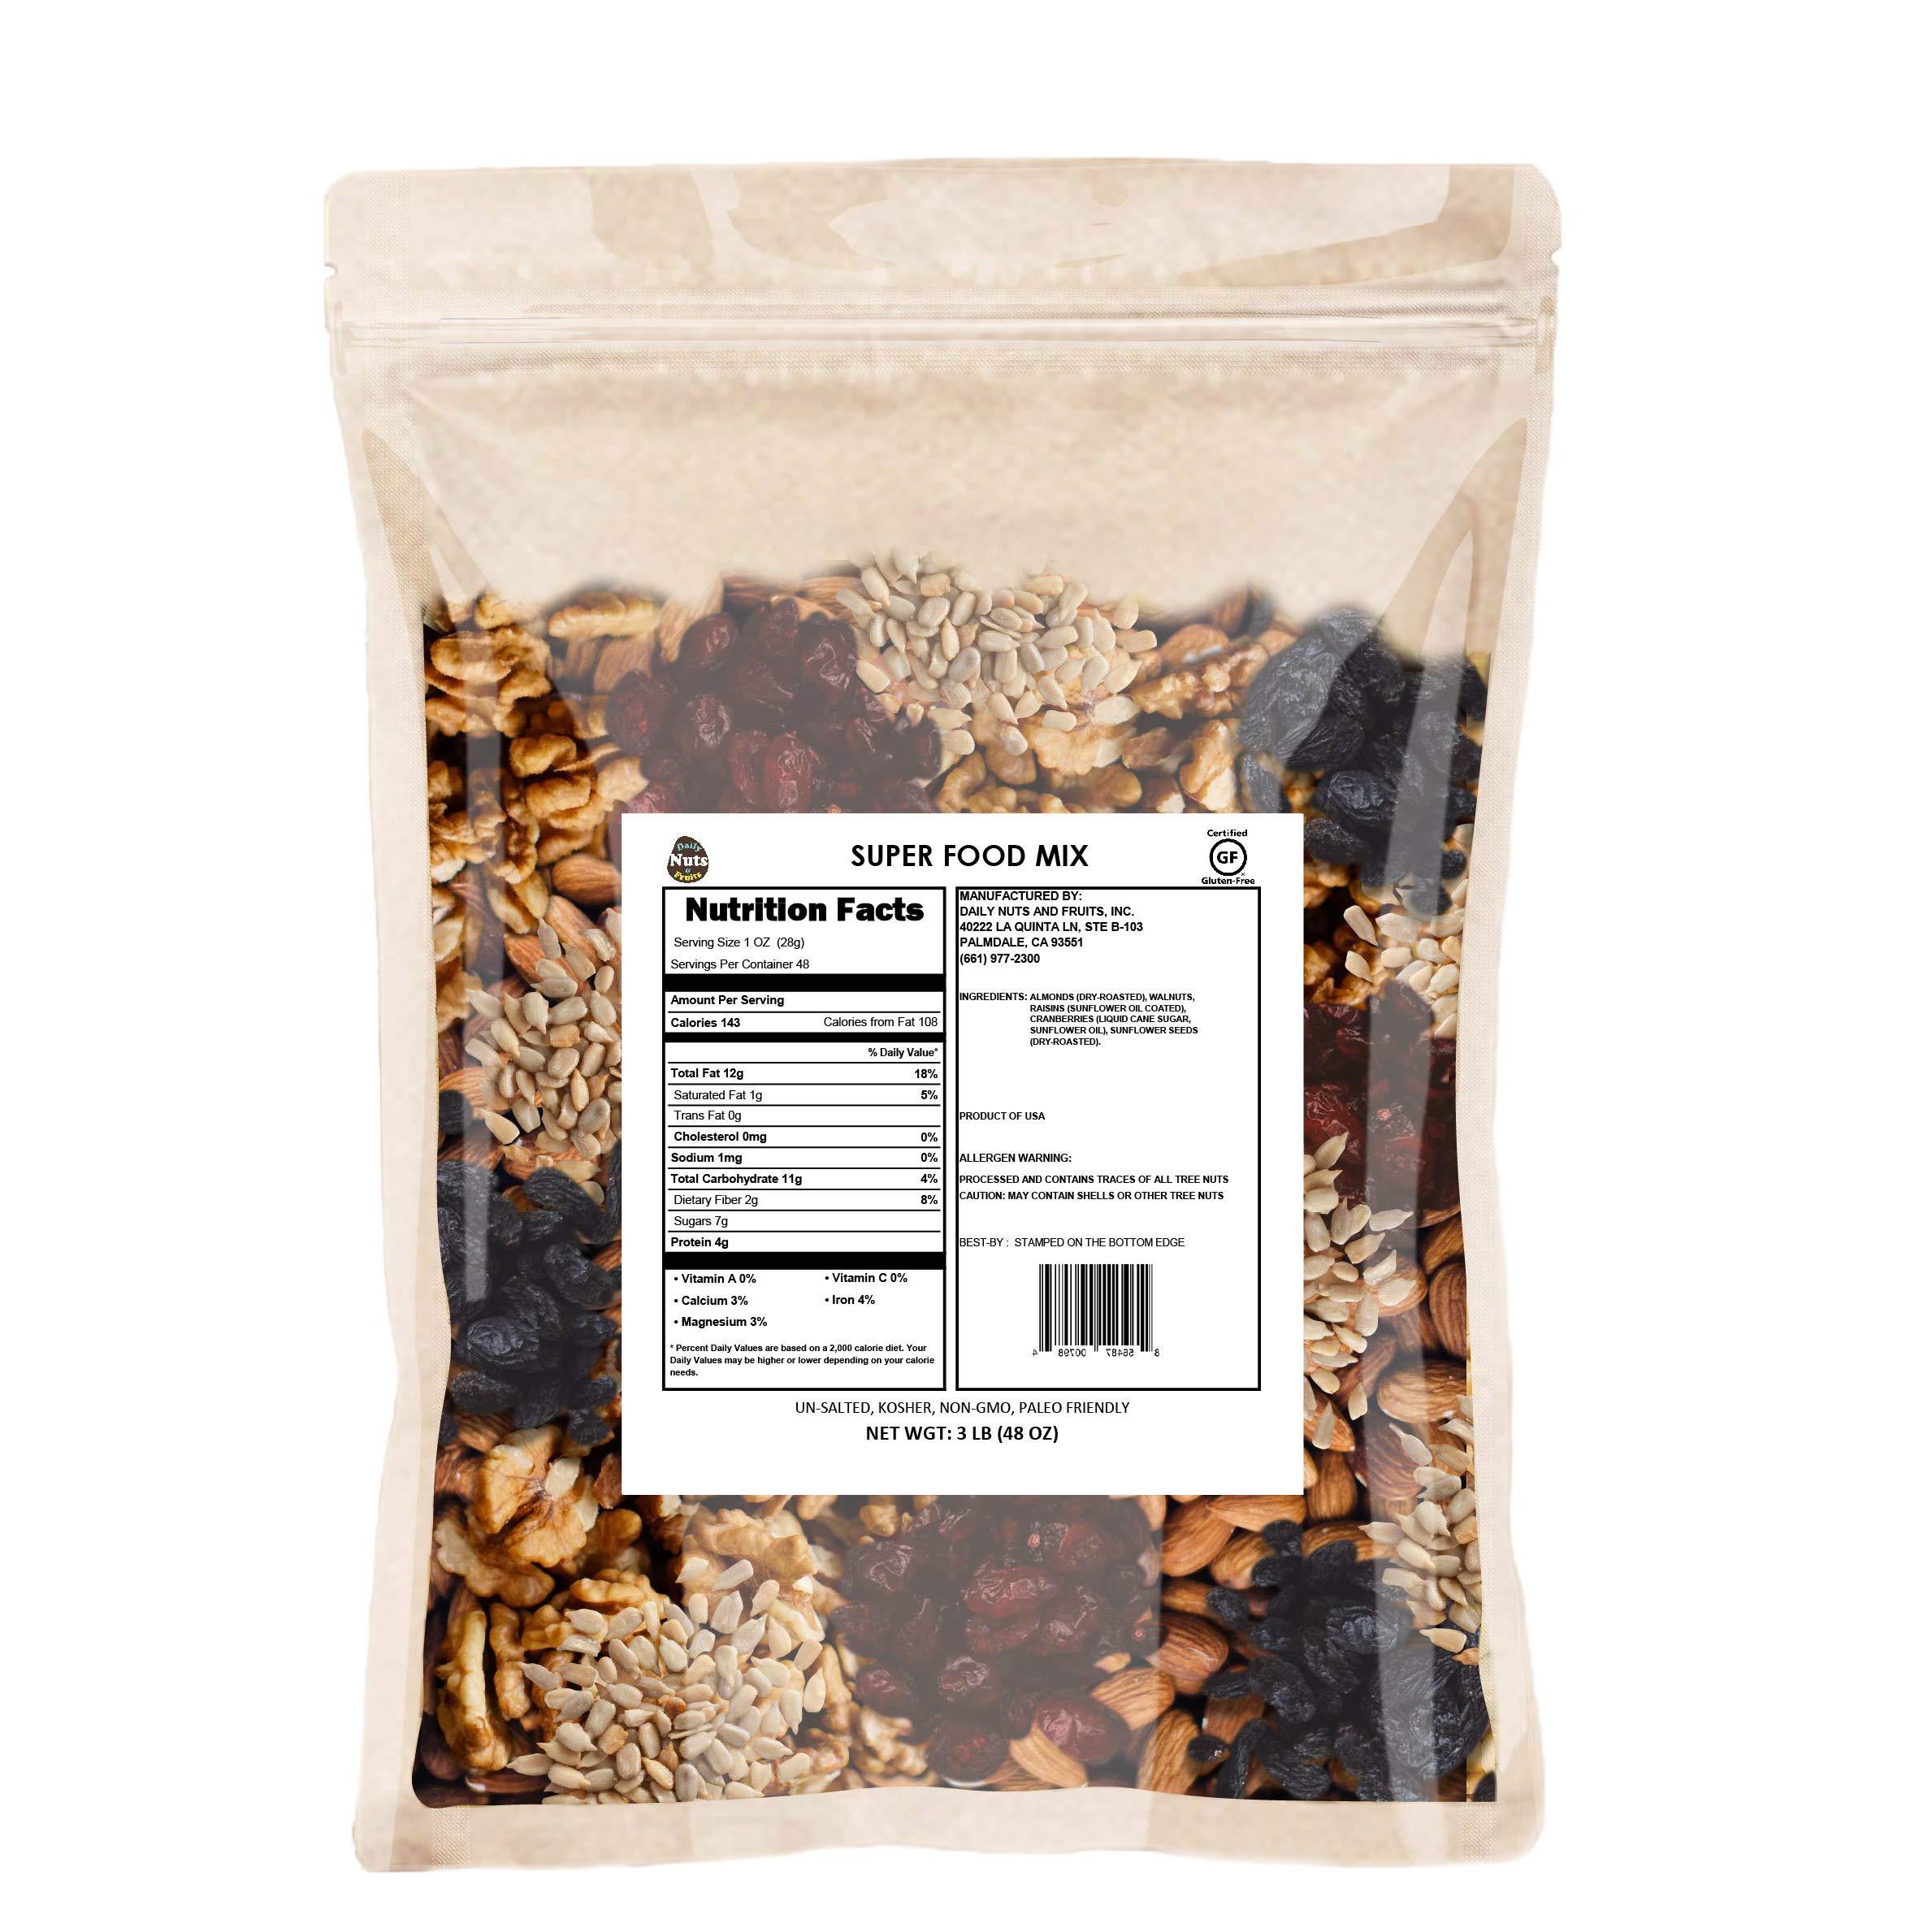 Daily Nuts Healthy Mix Bulk (U.S. Super Food Mix, 48 OZ)